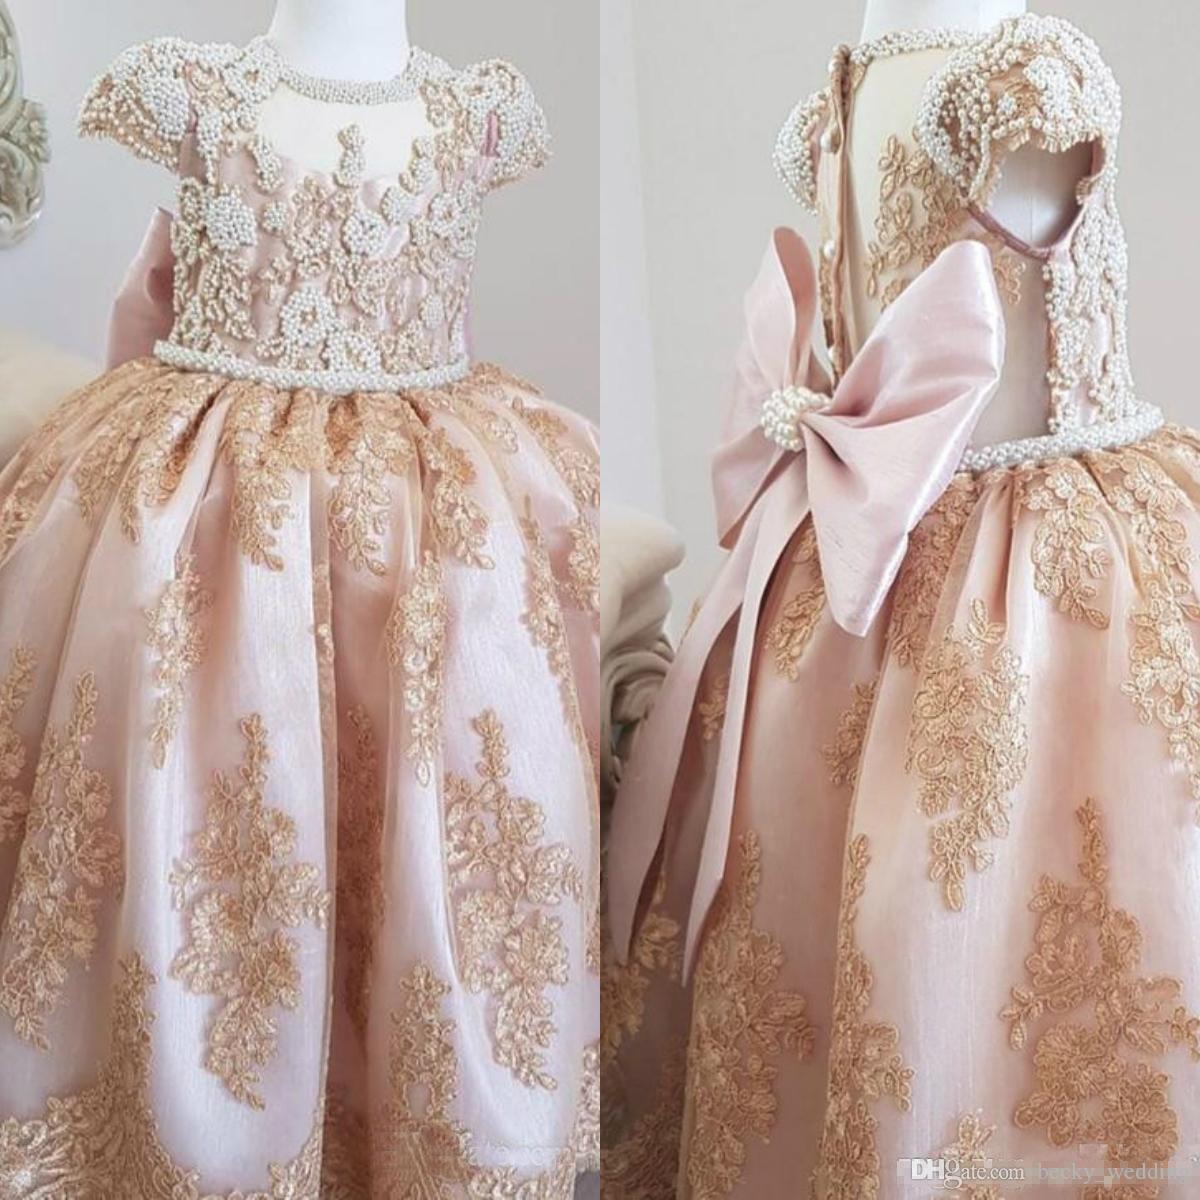 Compre Lindas Perlas De Encaje 2019 Vestidos De Niña De Flores Mangas  Cortas Vestidos De Invitaciones De Boda Para Niña Vestidos Vintage Para  Fiesta A ... 2d456e0209f0